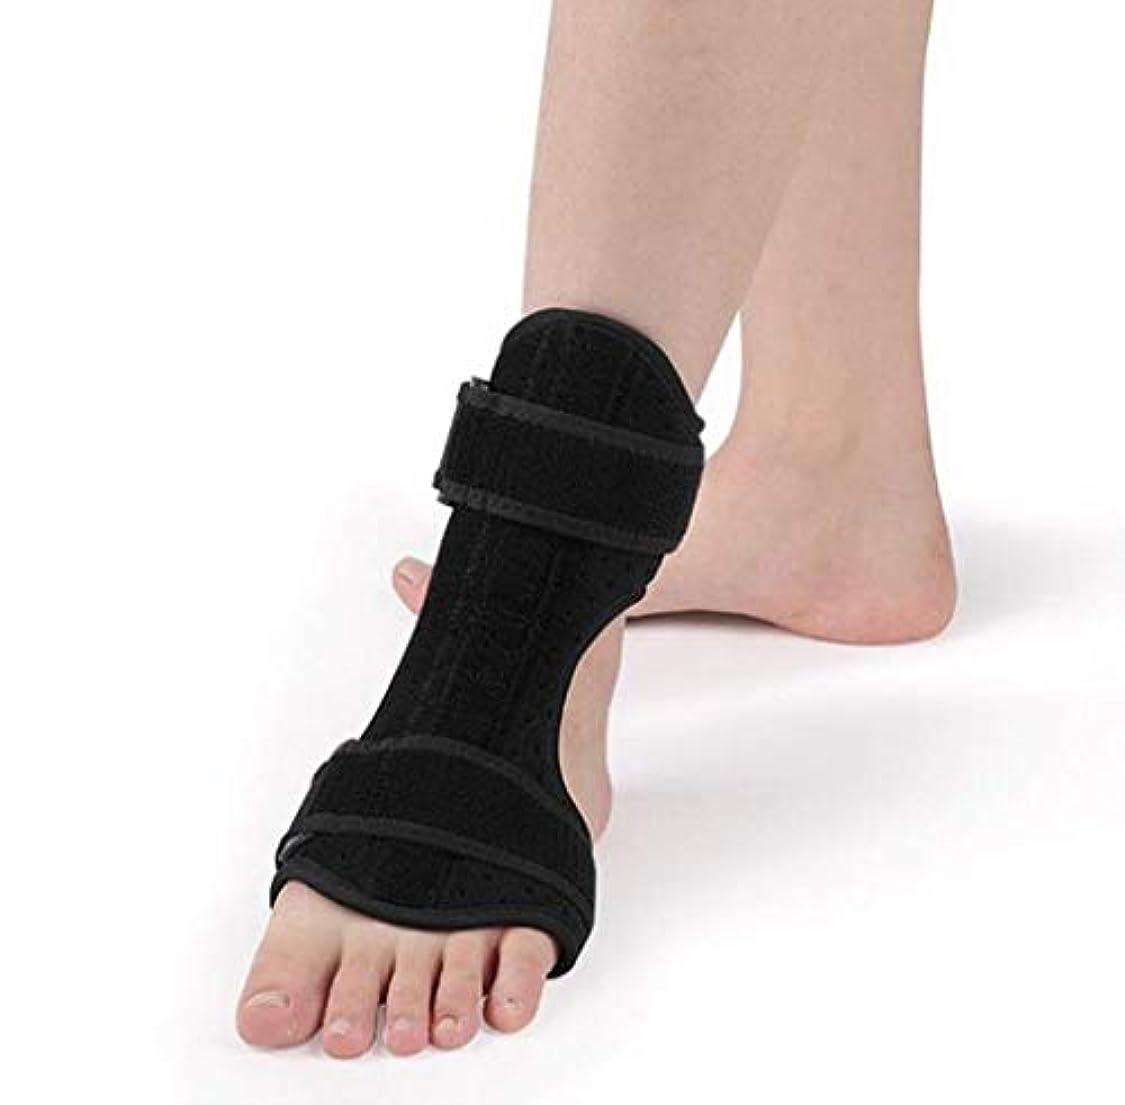 代表してアダルト明らかドロップフットスプリントのサポート-装具足首フットブレーススタビライザー-軽量の足首フットブレース